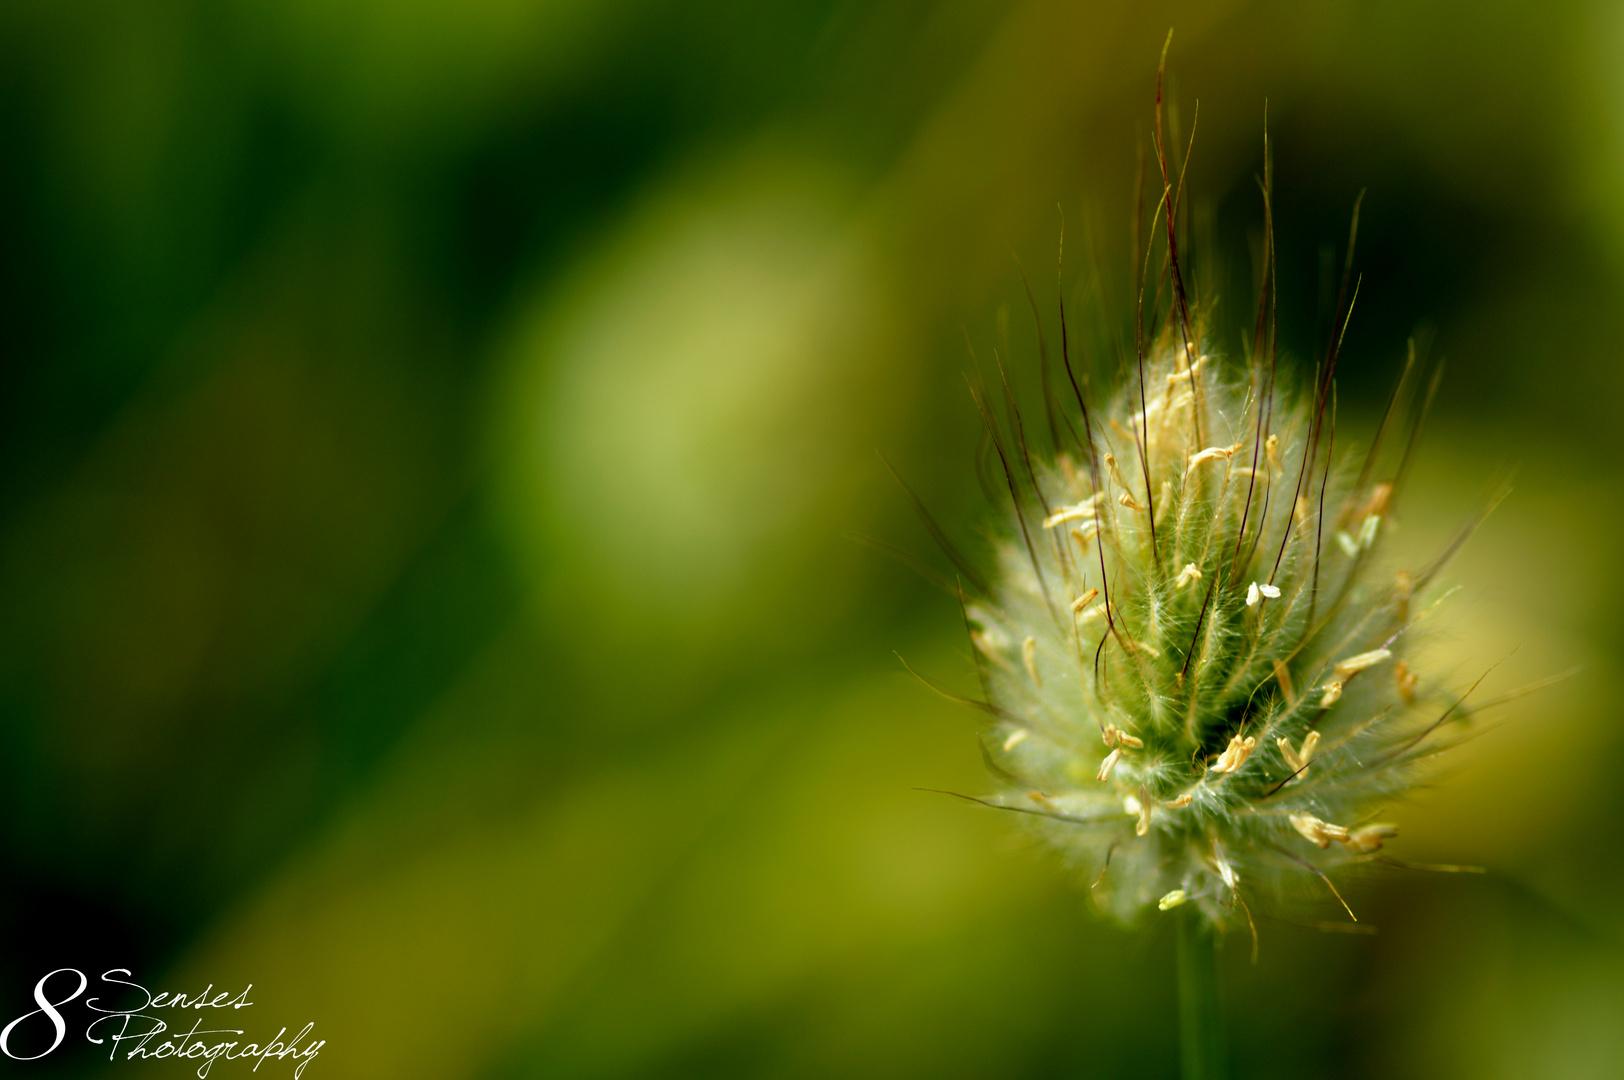 Graskunst der Natur